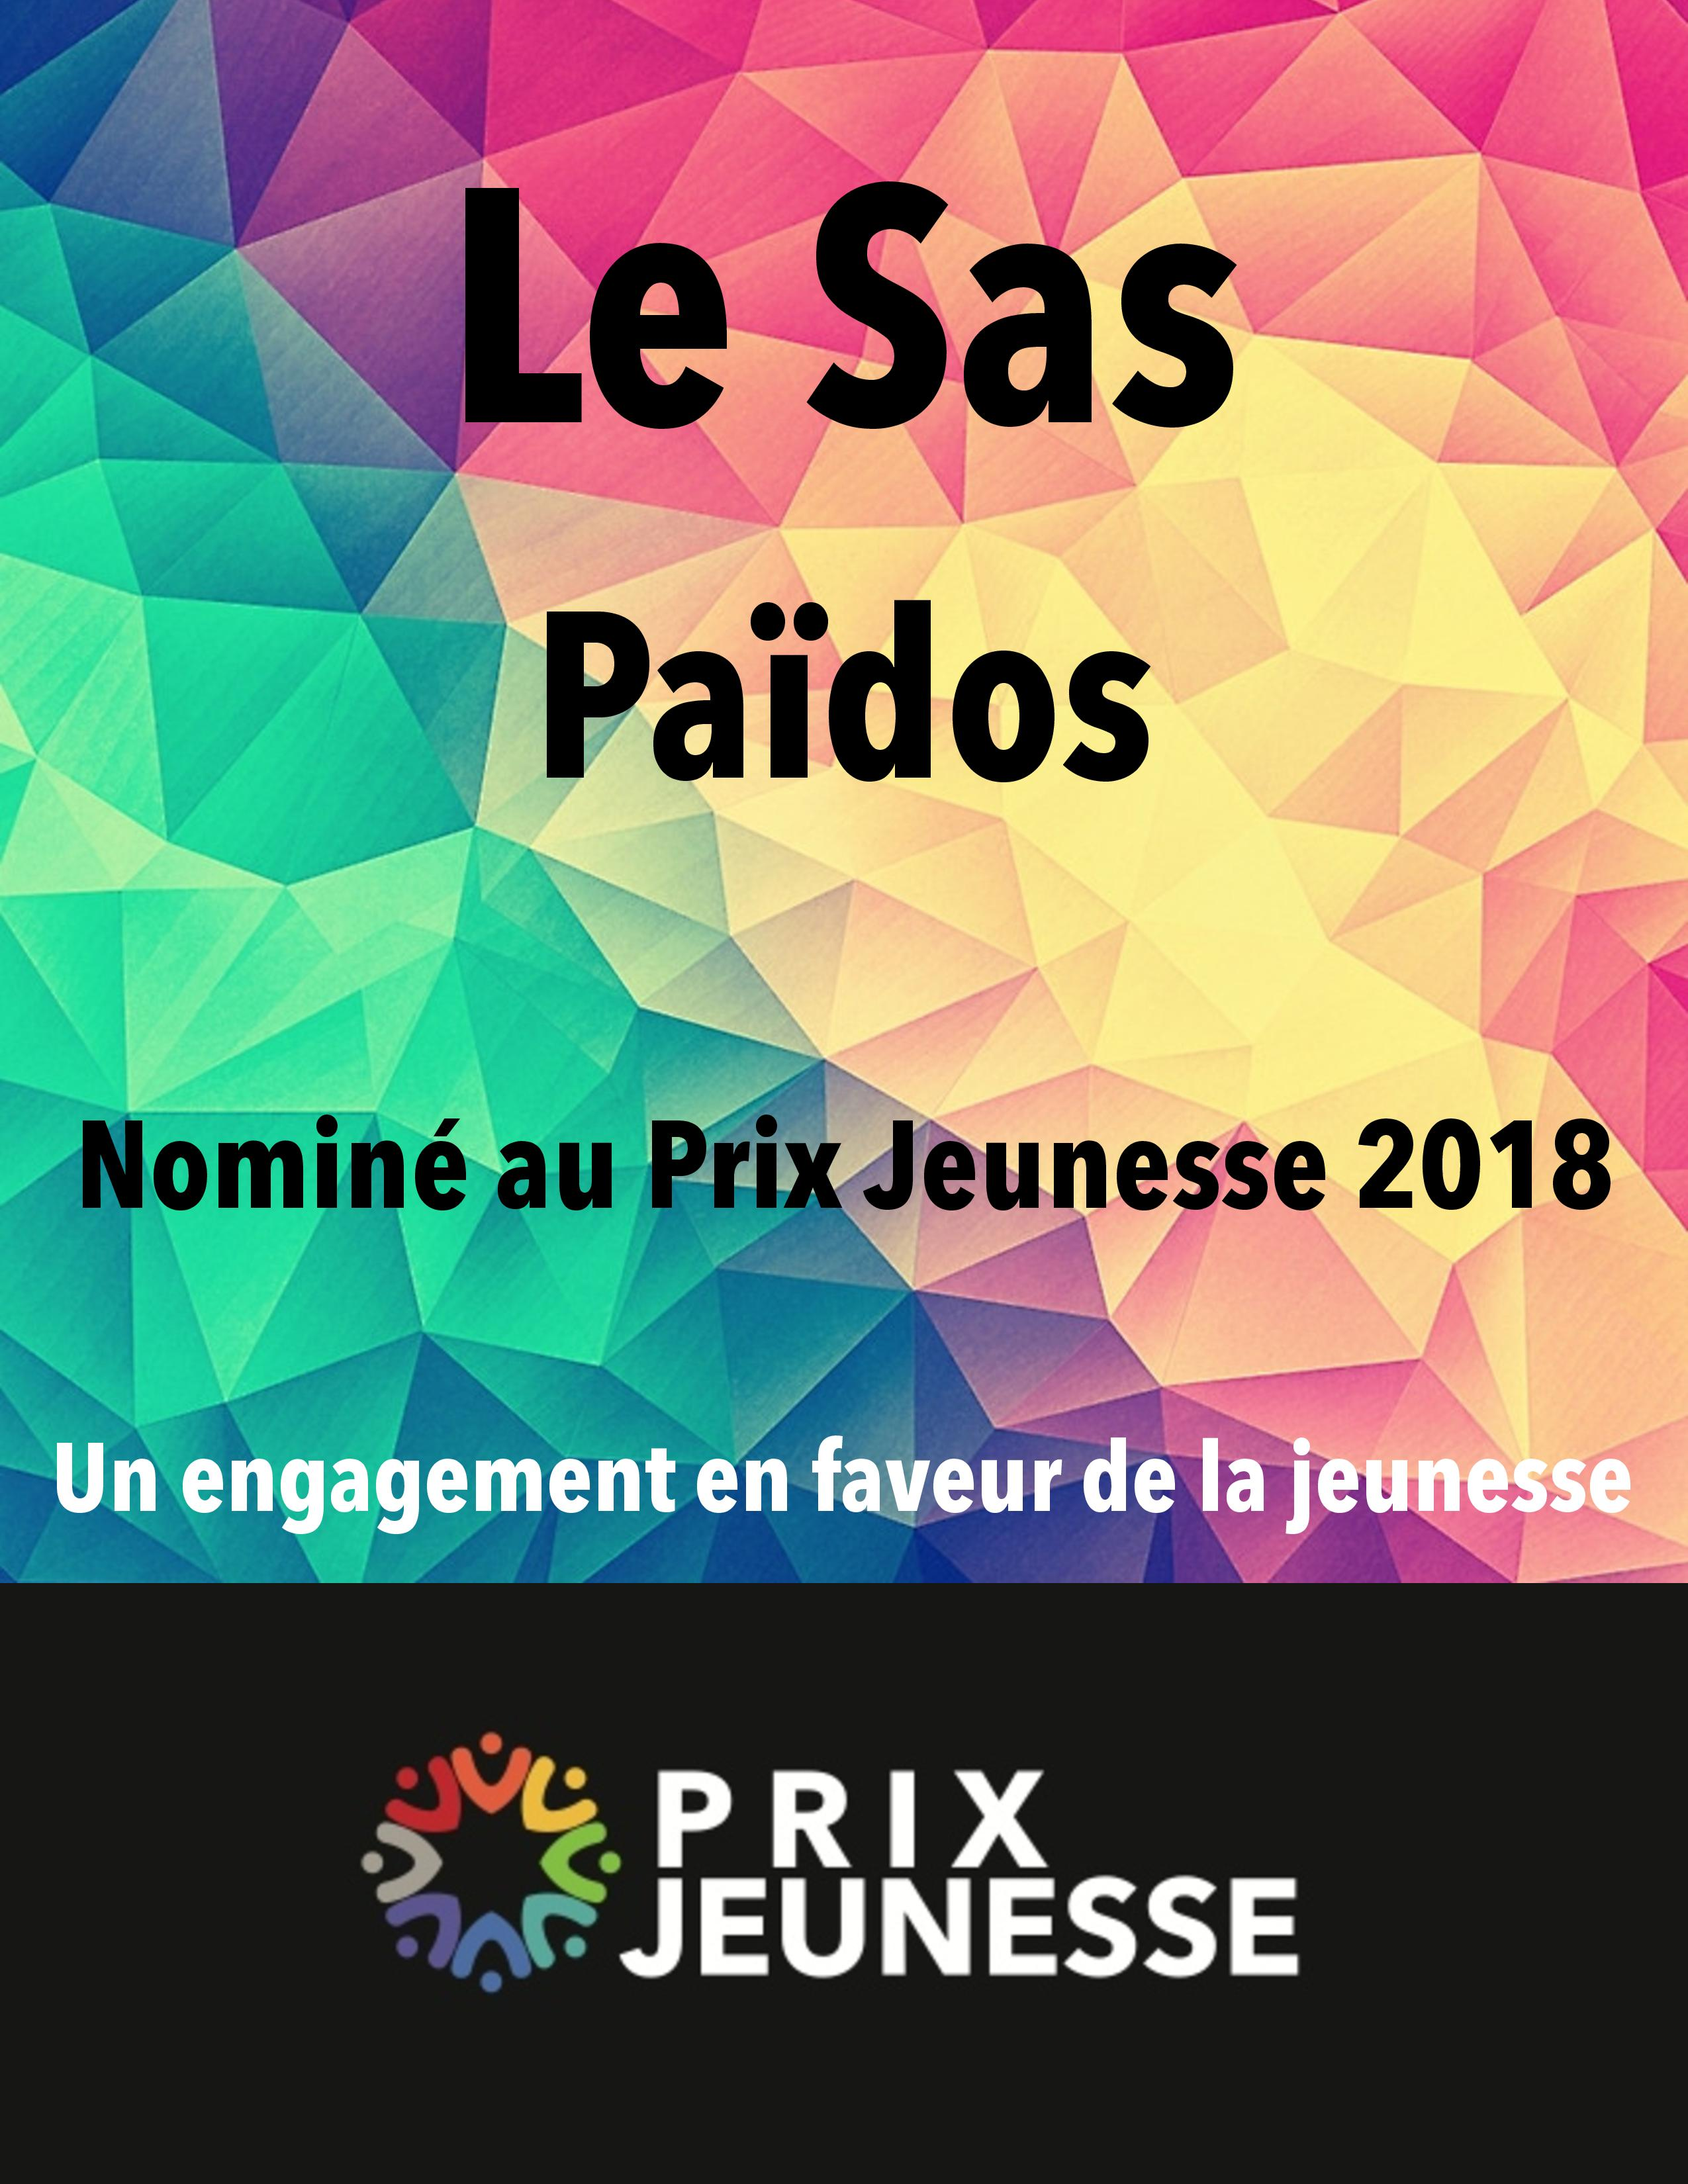 Candidat  Le Sas - Païdos